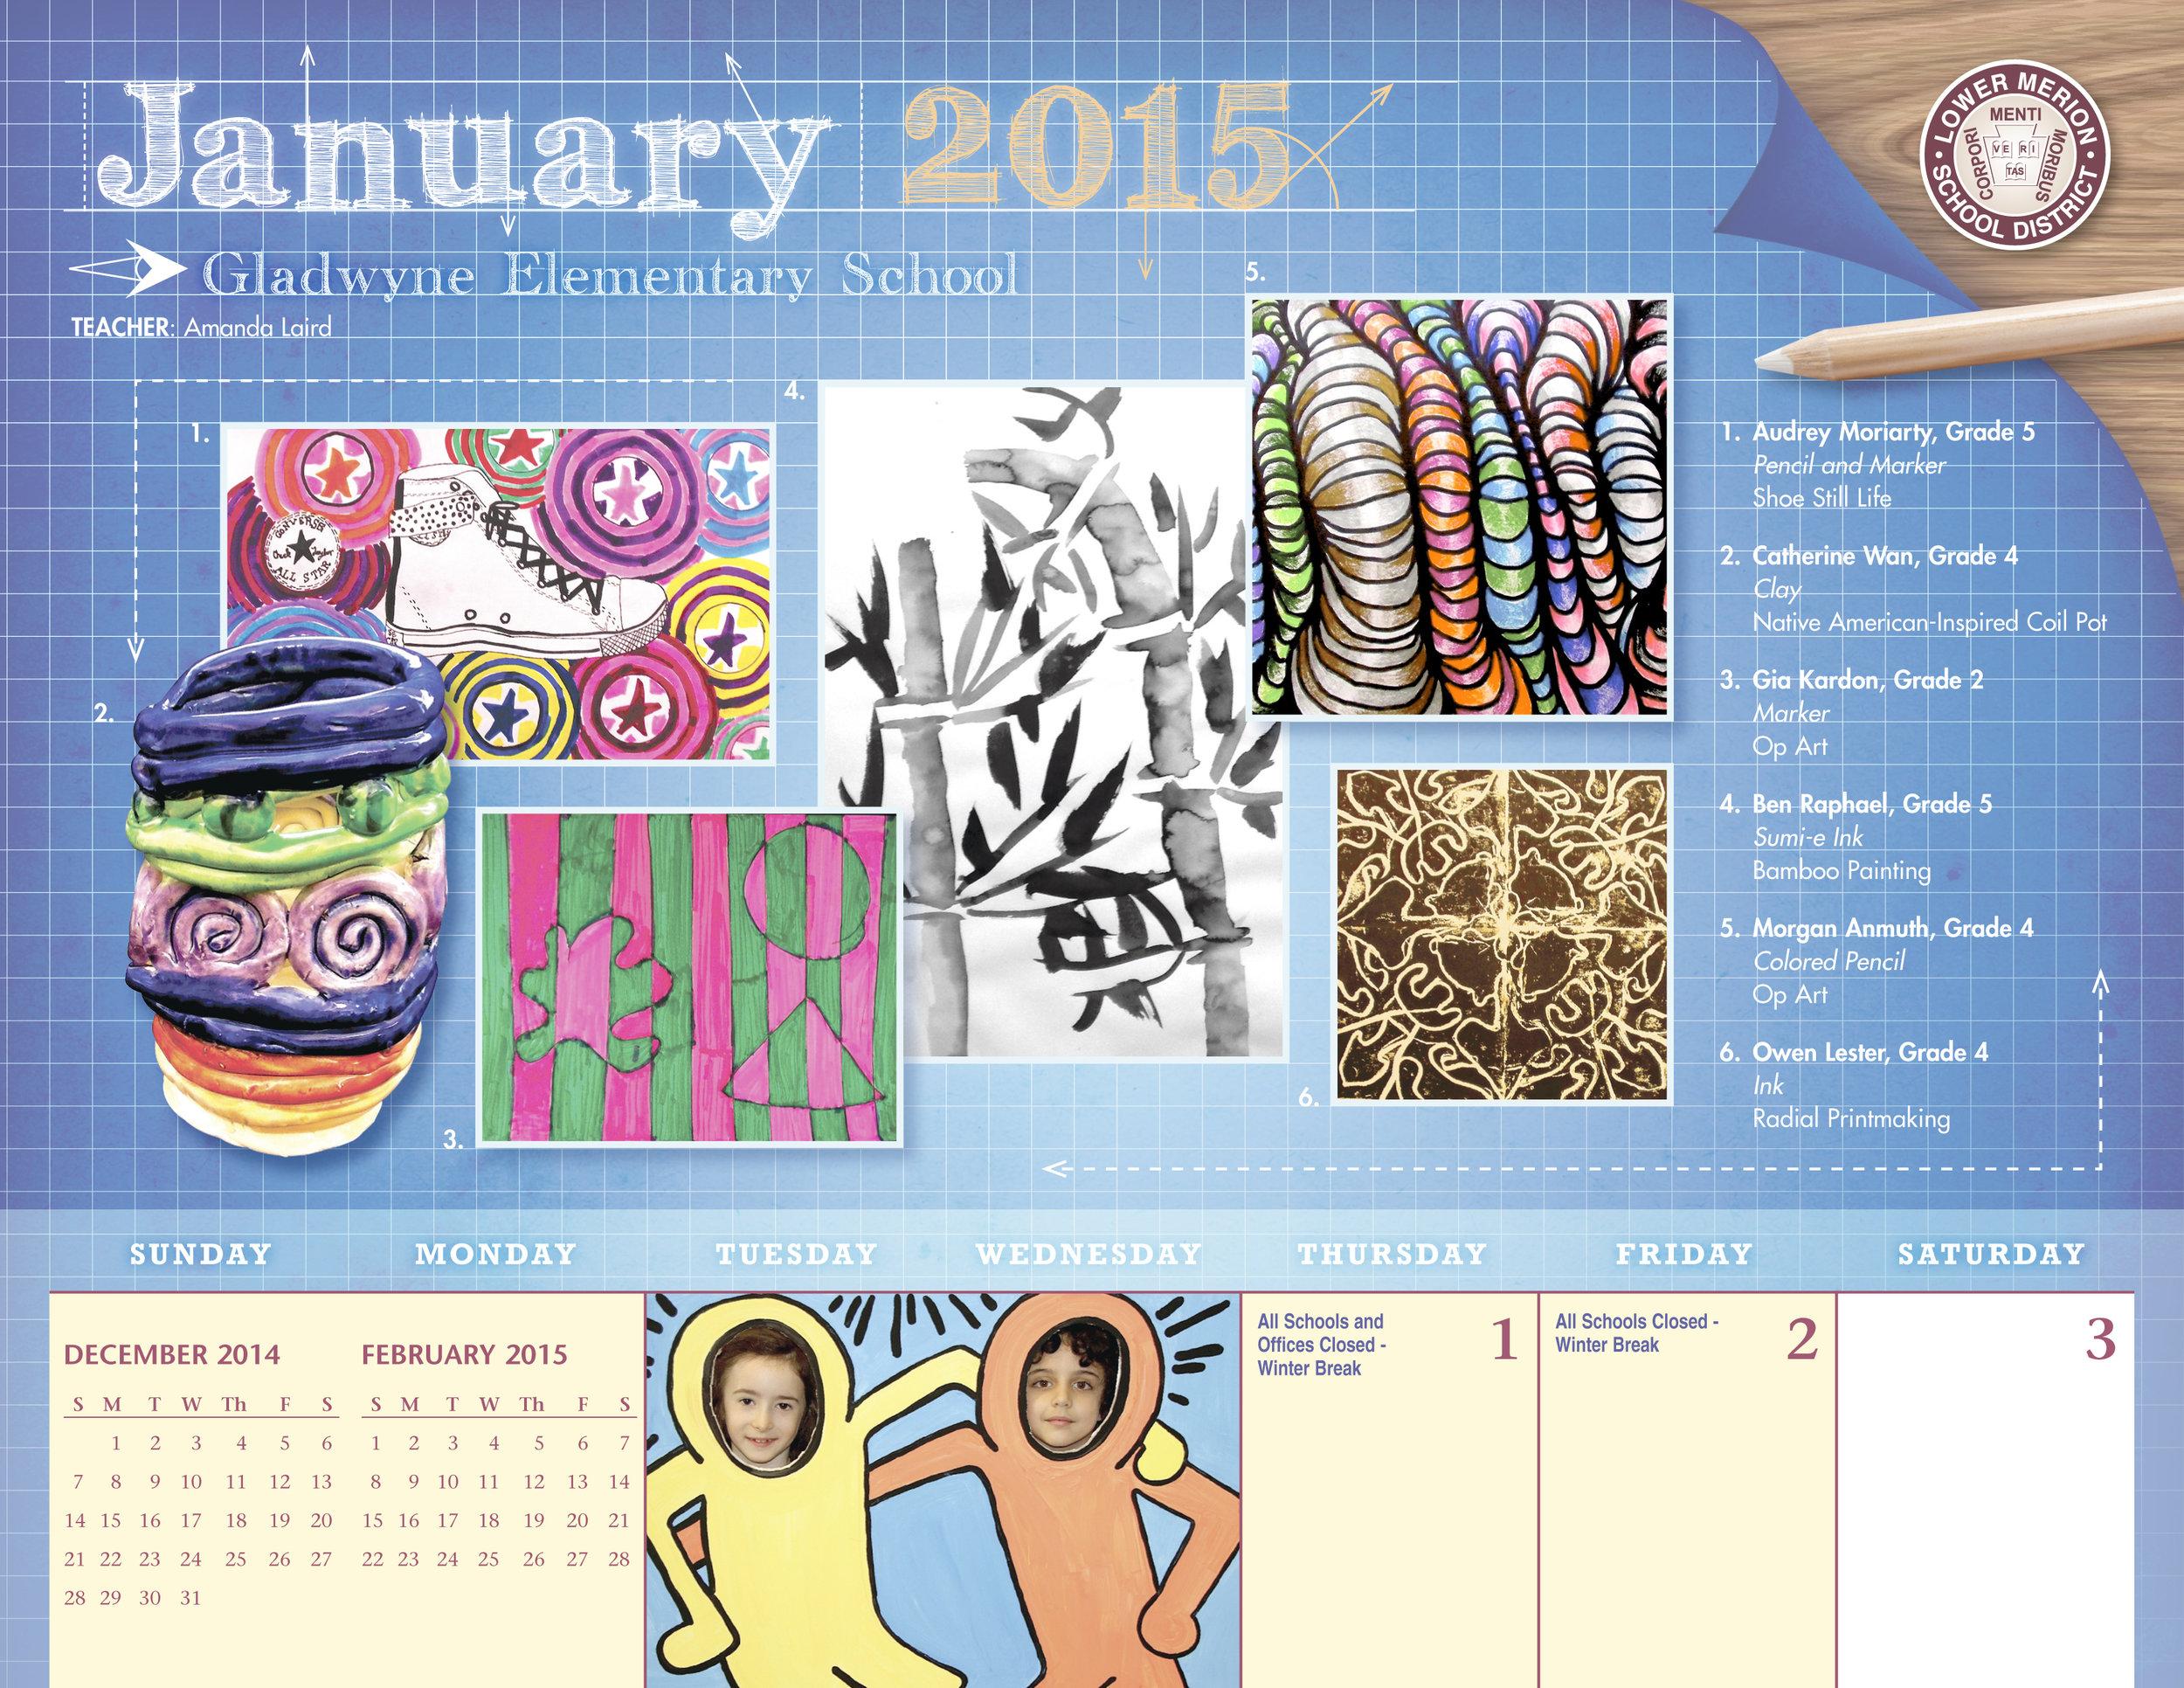 Calendar6.jpg